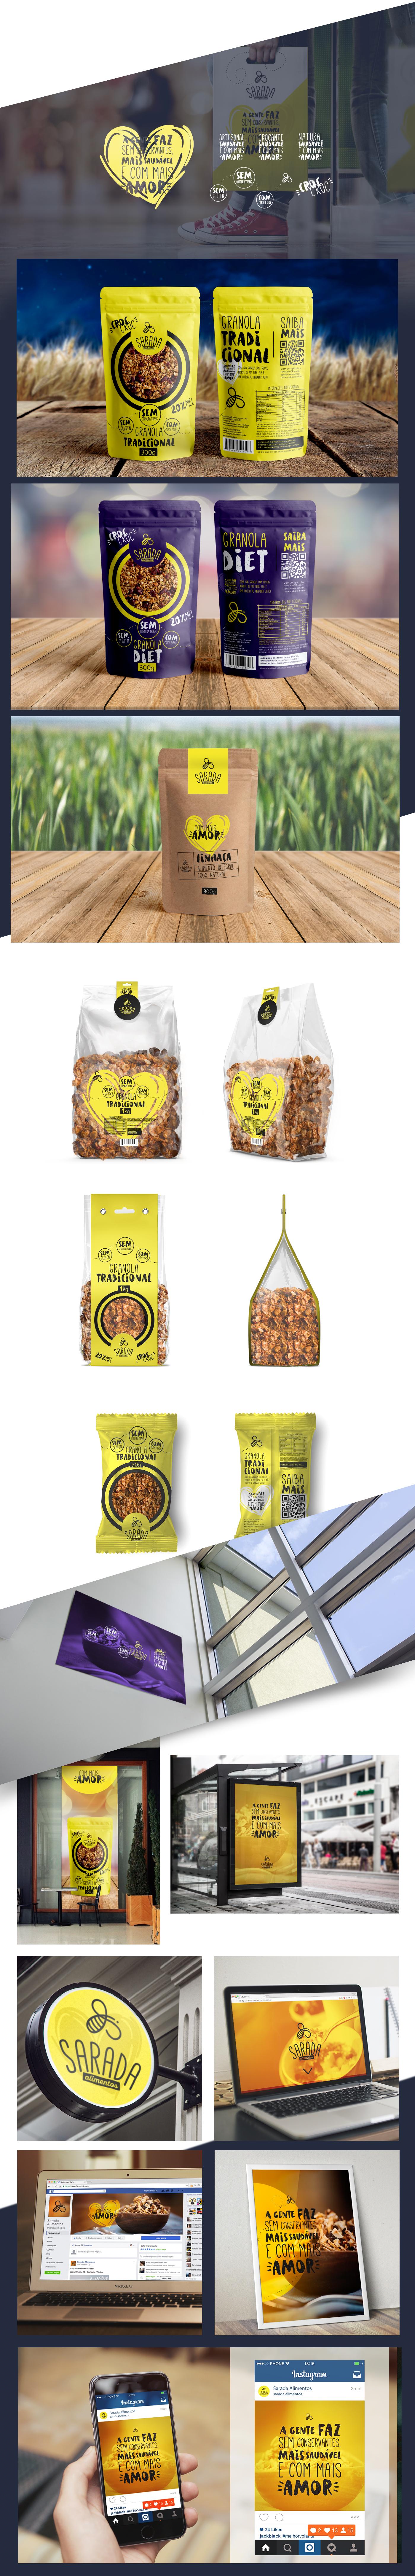 granola embalagem saudável Health care Food  comida